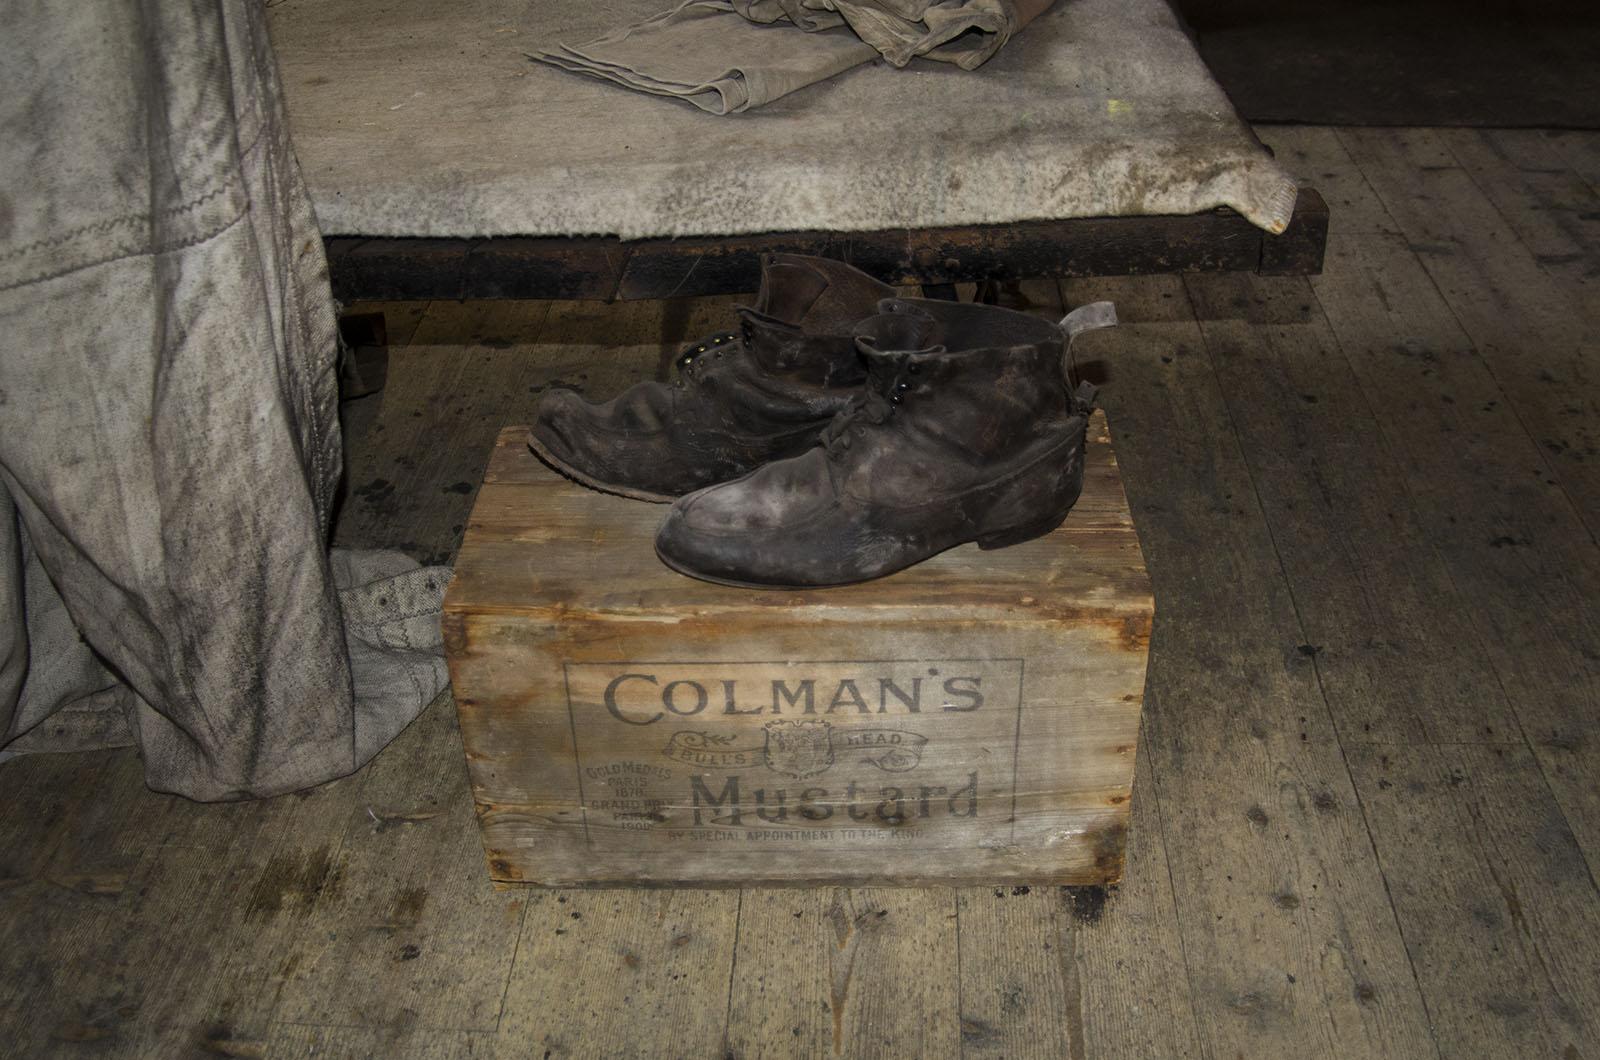 Colman Boots 1 2013 16×24 © L'Heureux